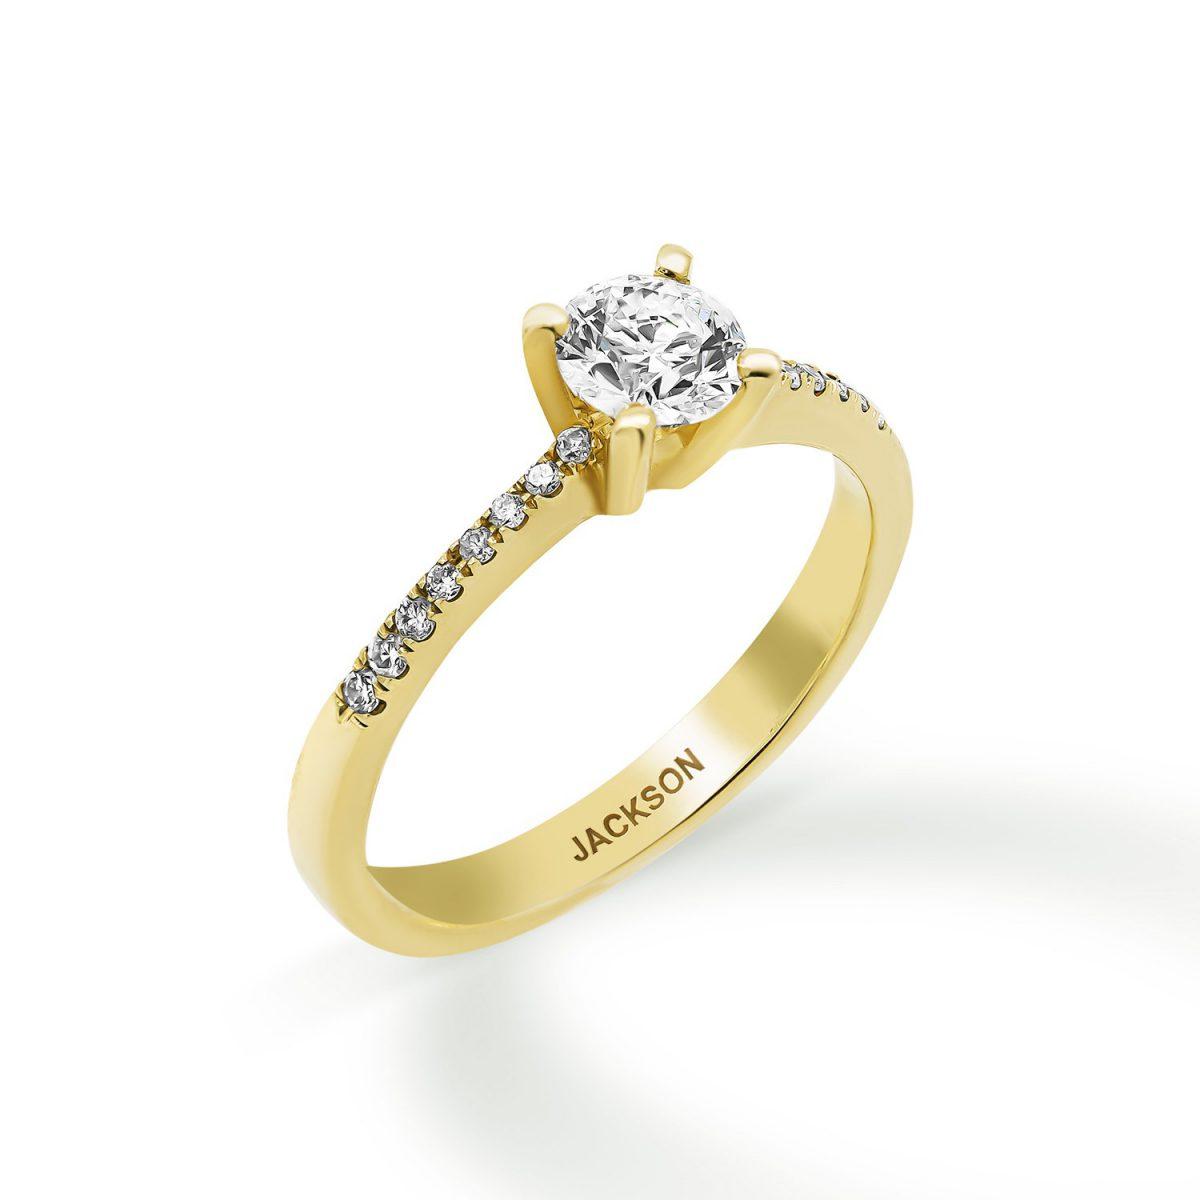 טבעת אירוסין - כריסטינה